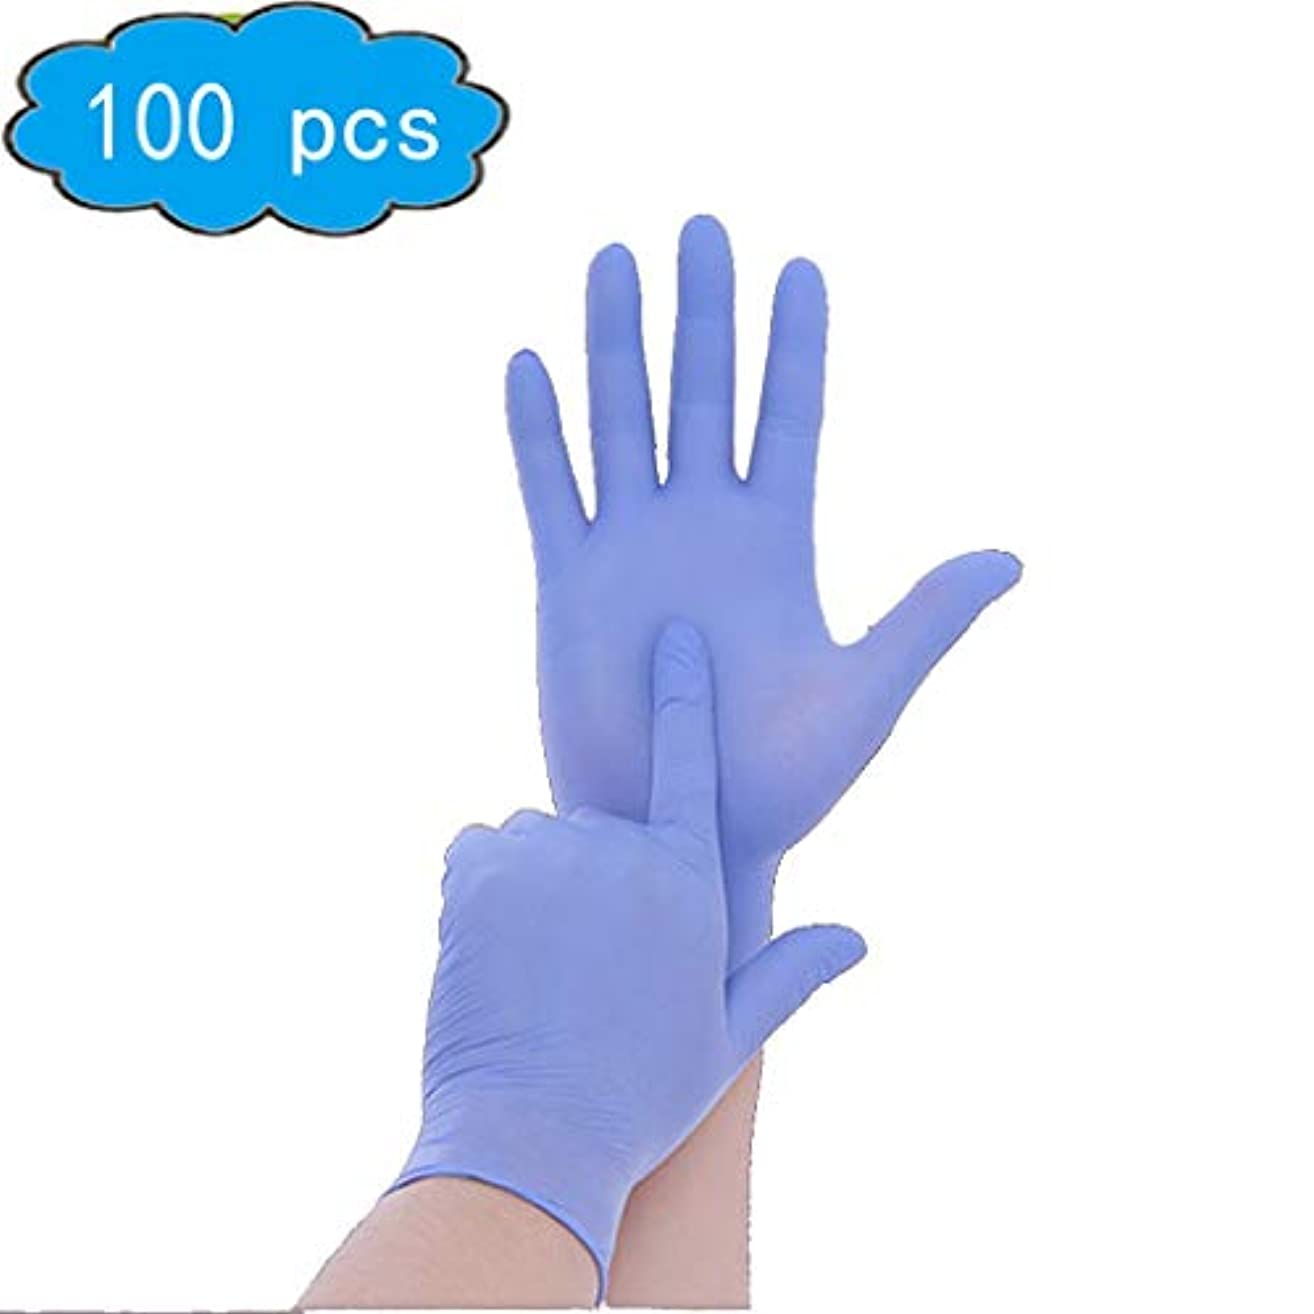 消化どうやって暗唱するニトリル試験用手袋-医療グレード、パウダーフリー、ラテックスゴムフリー、使い捨て、非滅菌、食品安全、テクスチャード加工、サニタリーグローブ、救急用品、(パック100)、手と腕の保護 (Color : Purple, Size : L)